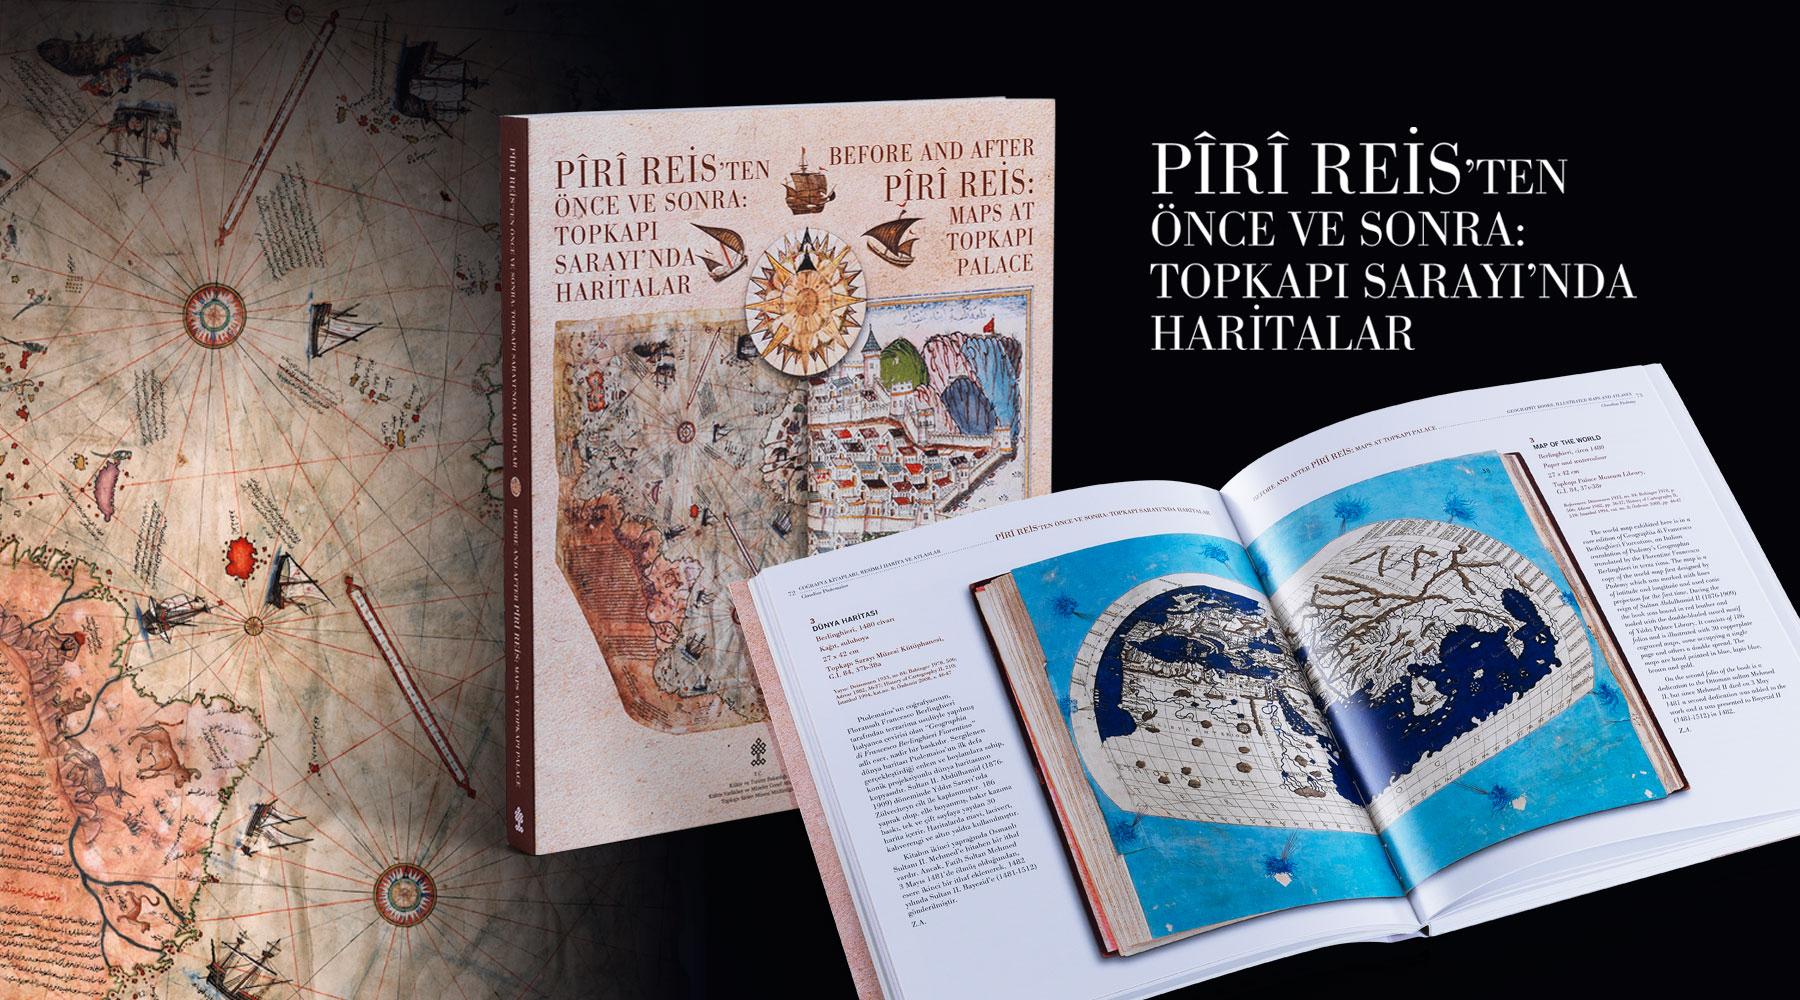 Pîrî Reis'ten Önce ve Sonra: Topkapı Sarayı'nda Haritalar, Korpus Kültür Sanat Yayıncılık,